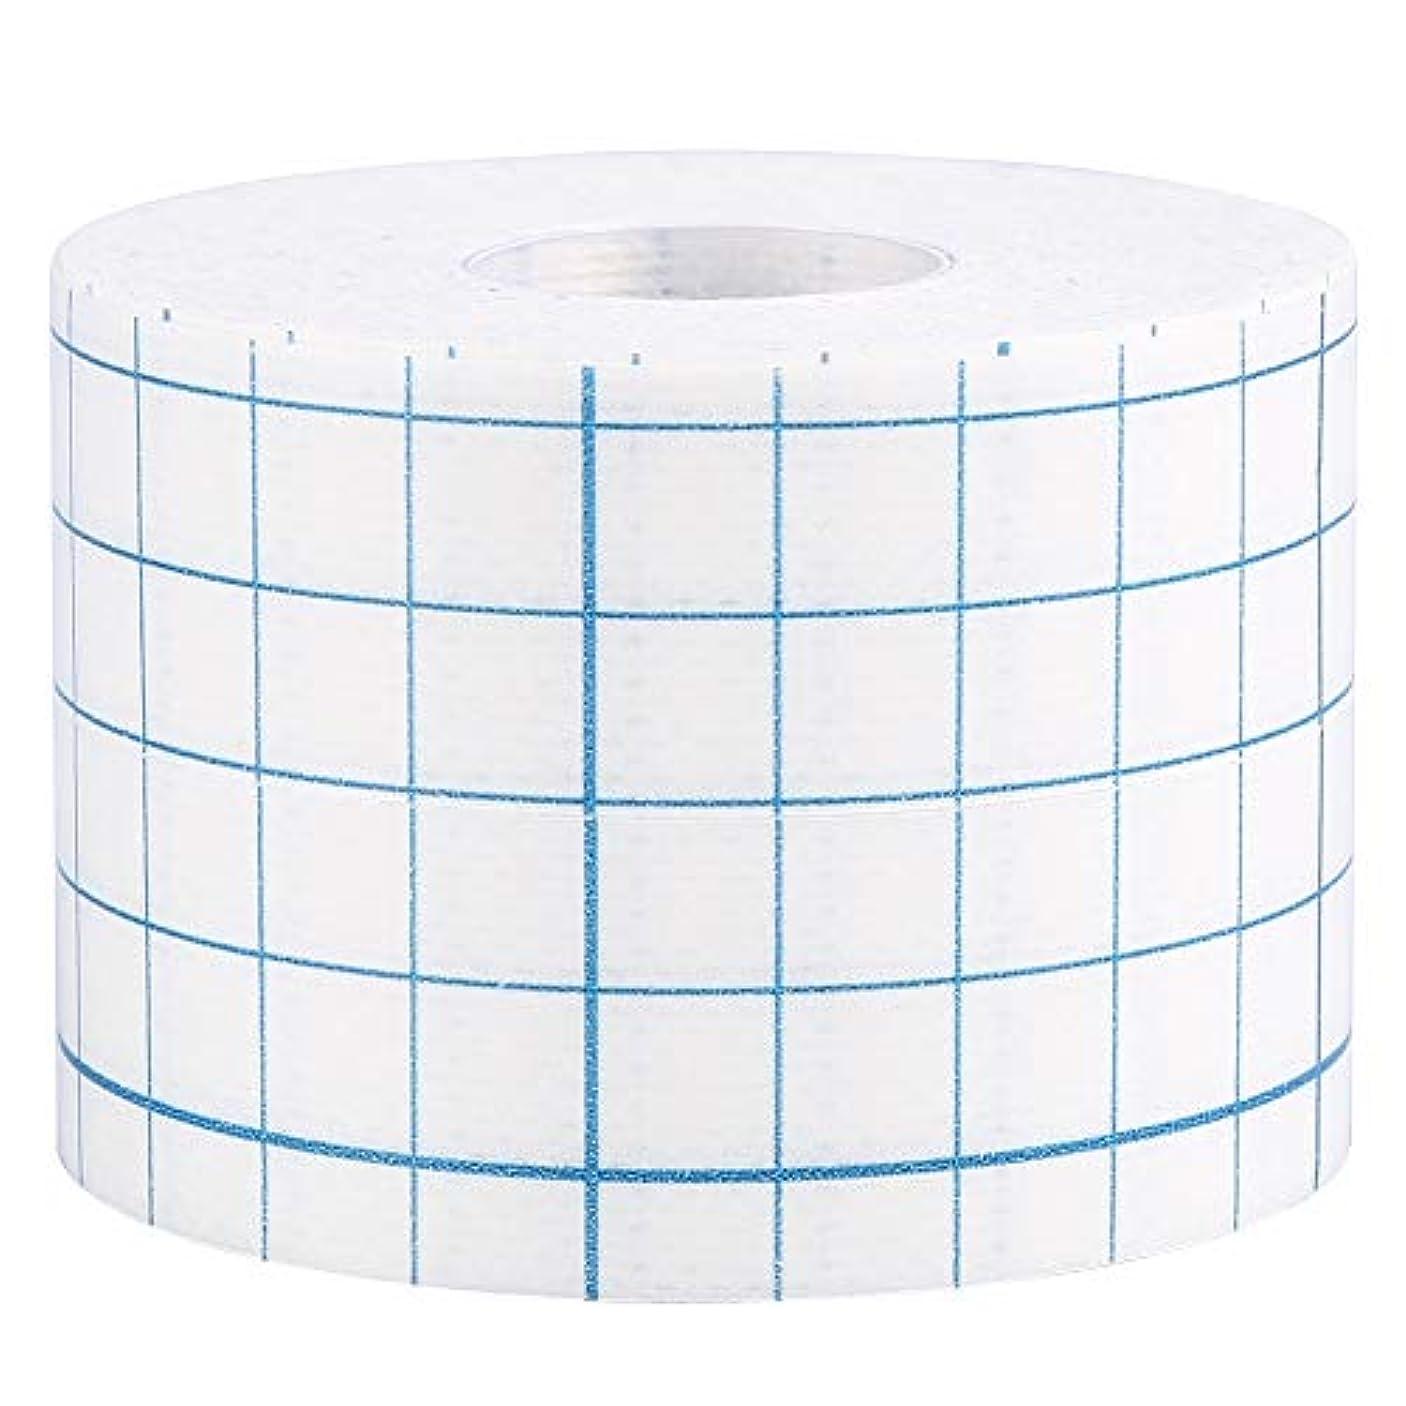 3サイズ1ロールプロフェッショナル不織布接着創傷ドレッシング医療用固定テープ包帯(5cm x 10m)